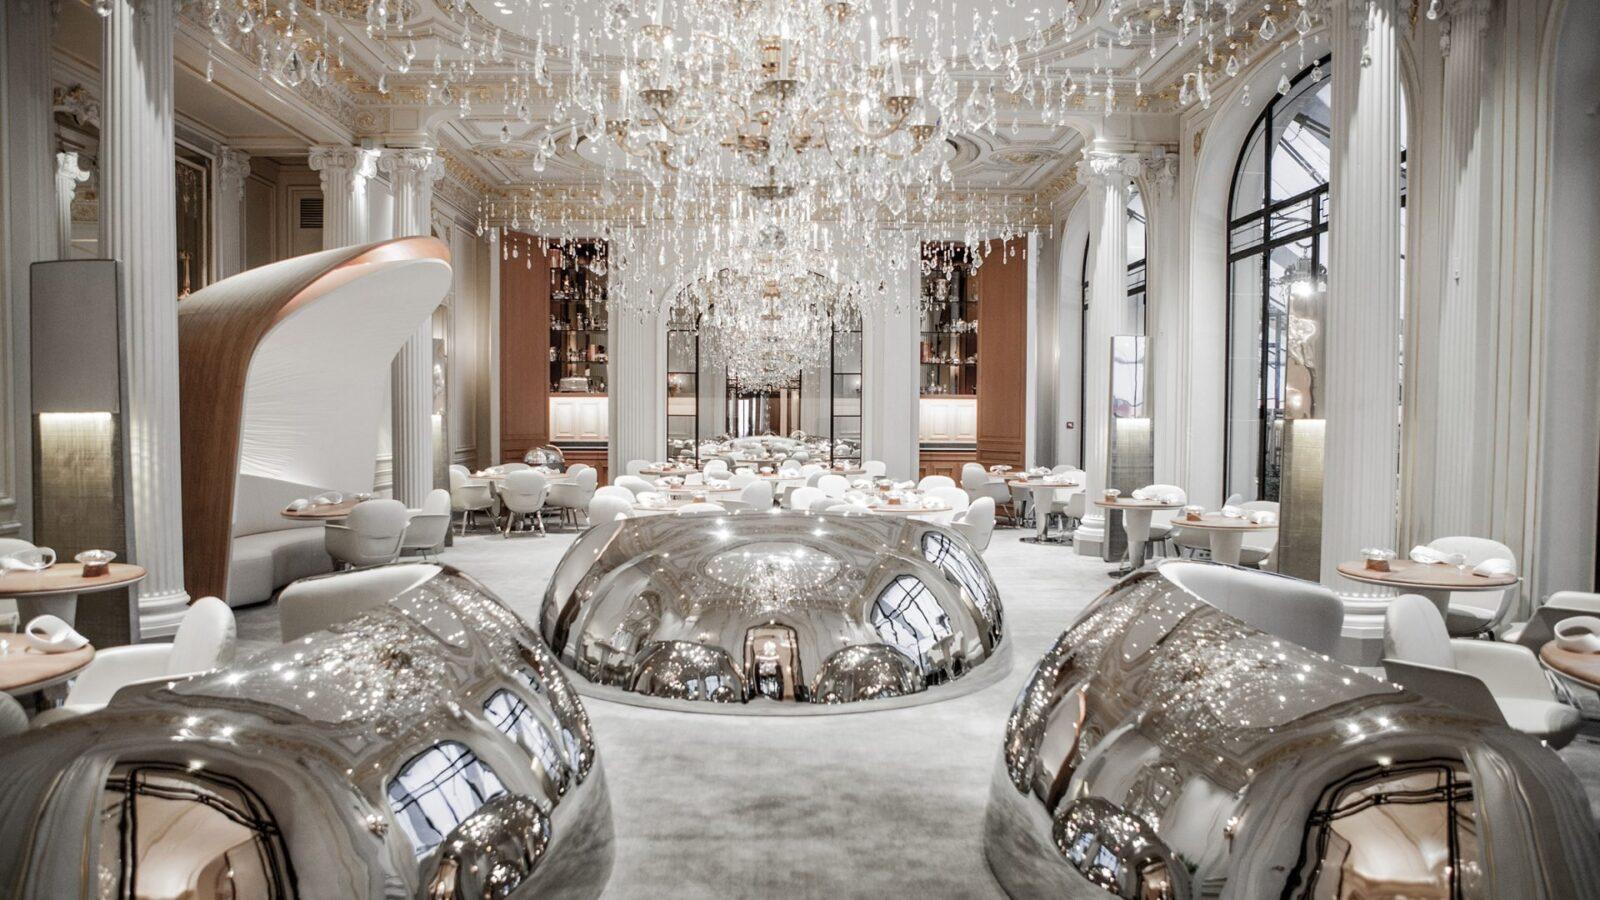 Prestige suite at Hôtel Plaza Athénée, Paris